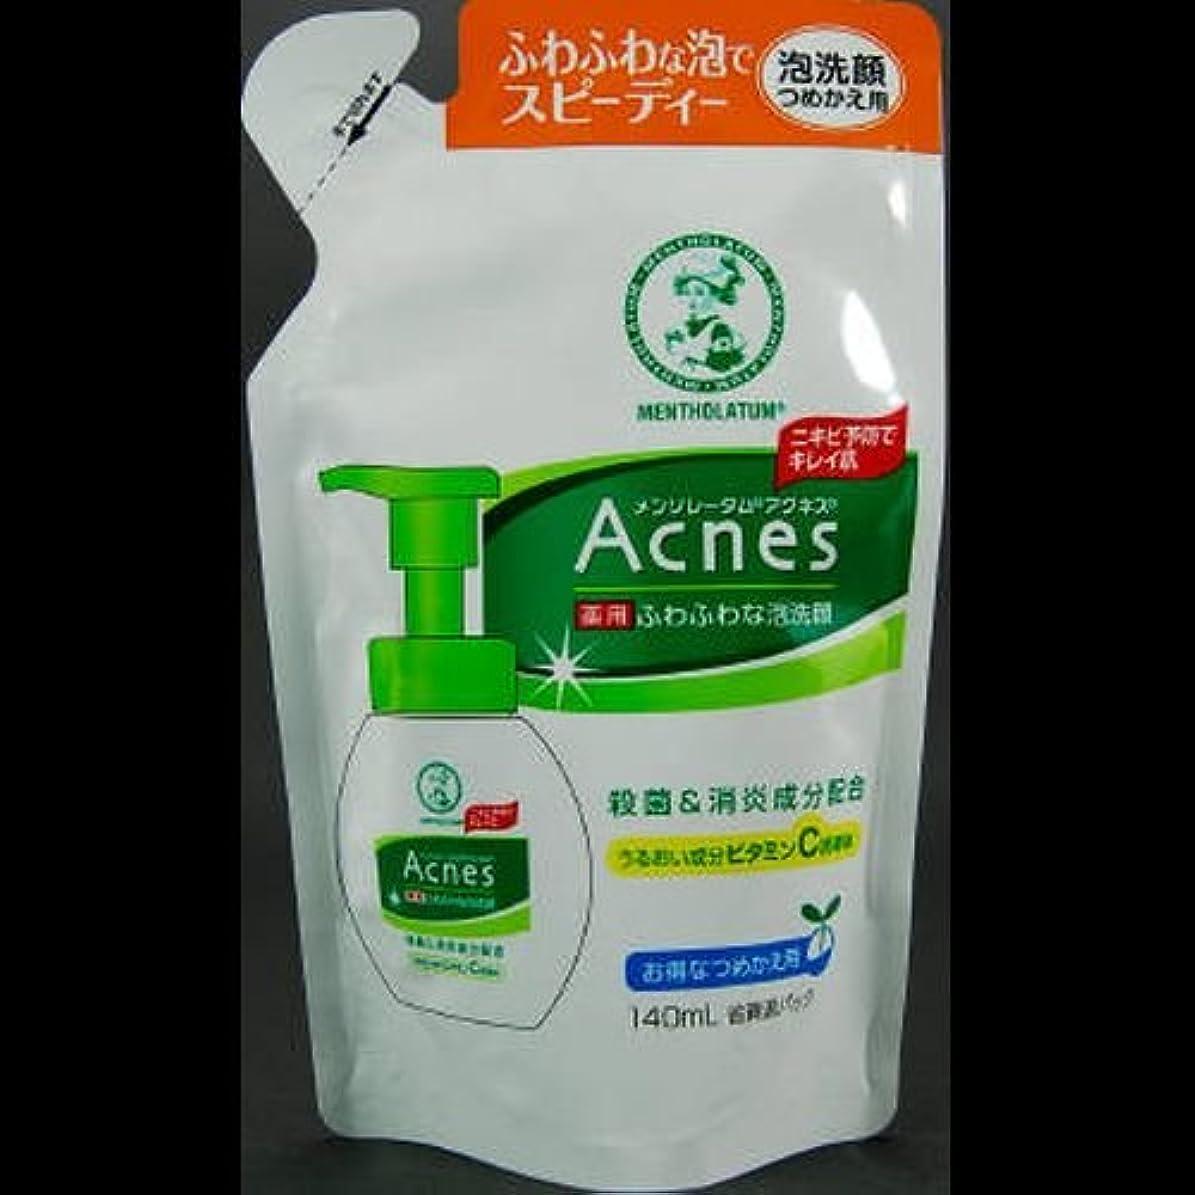 実際ランプ居眠りする【まとめ買い】アクネス 薬用ふわふわ泡洗顔 つめかえ用 140mL ×2セット